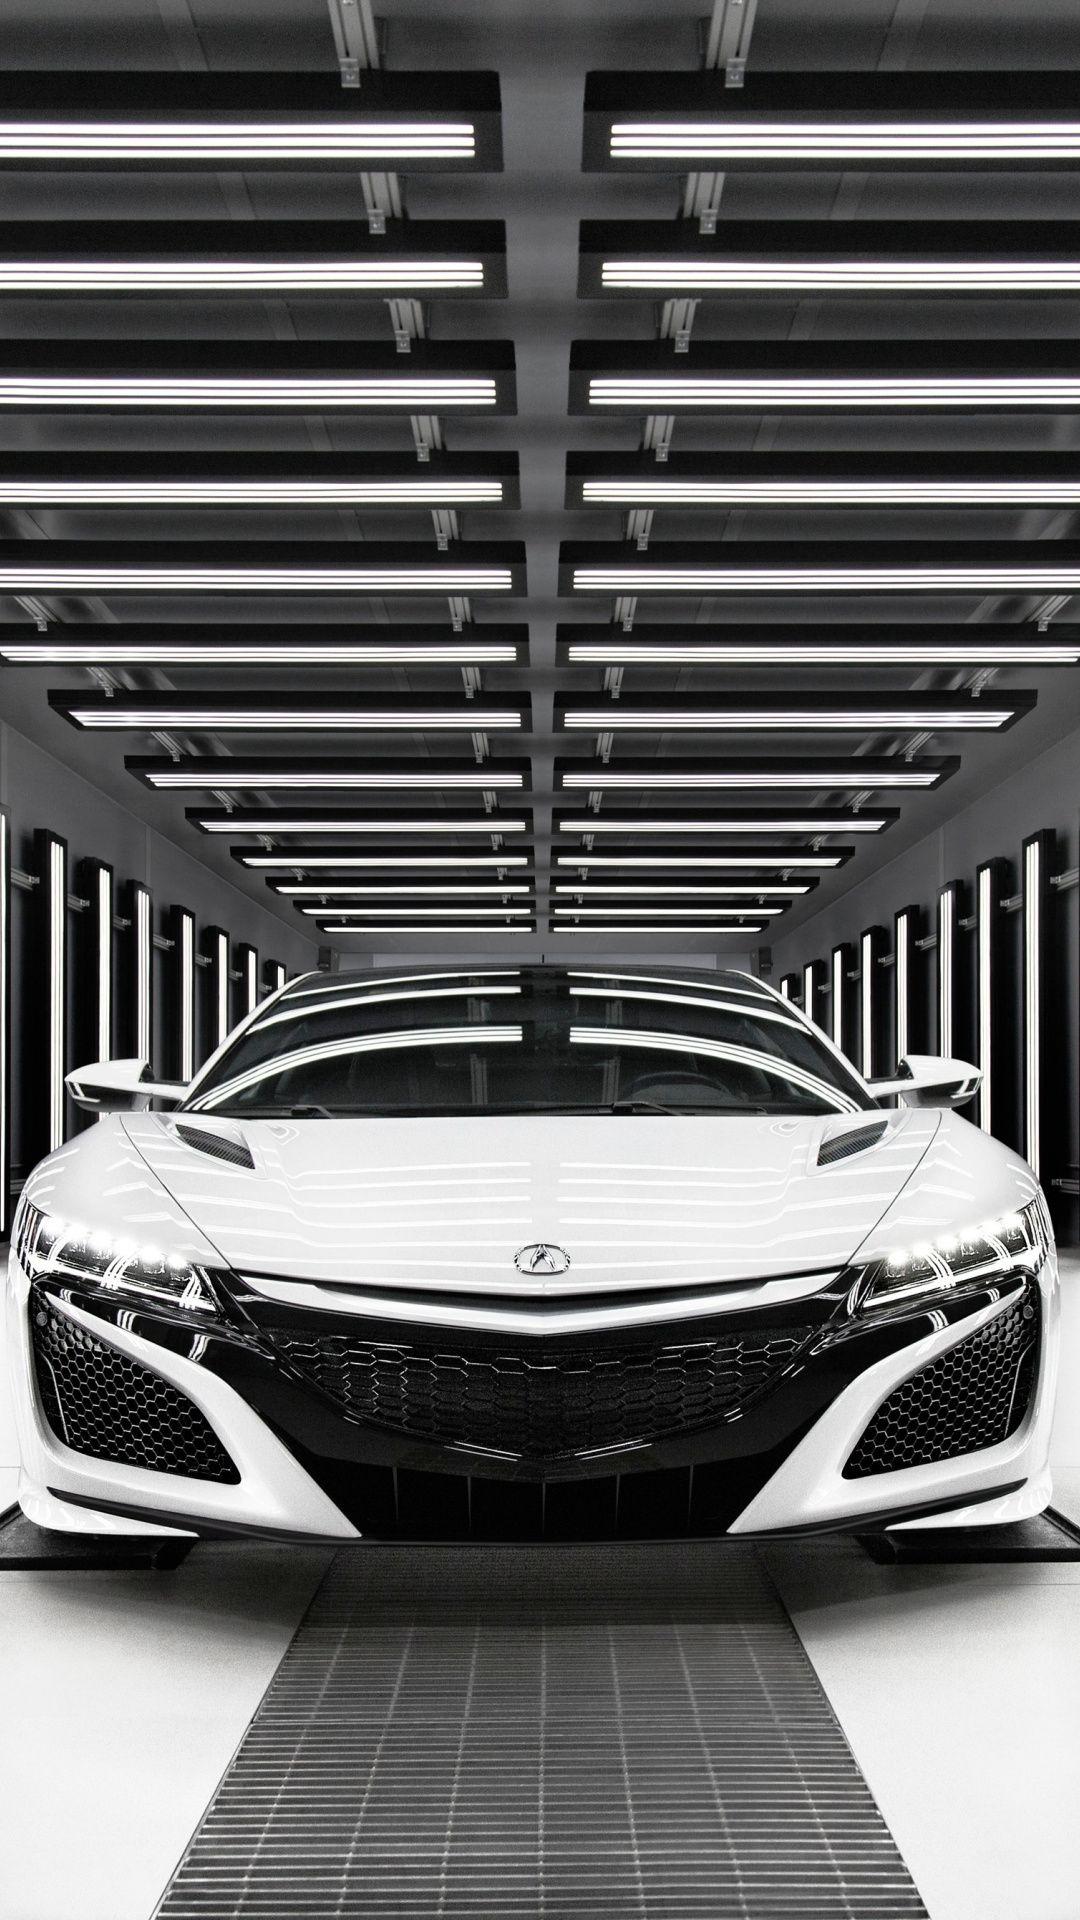 Acura Nsx White Monochrome 2019 1080x1920 Wallpaper